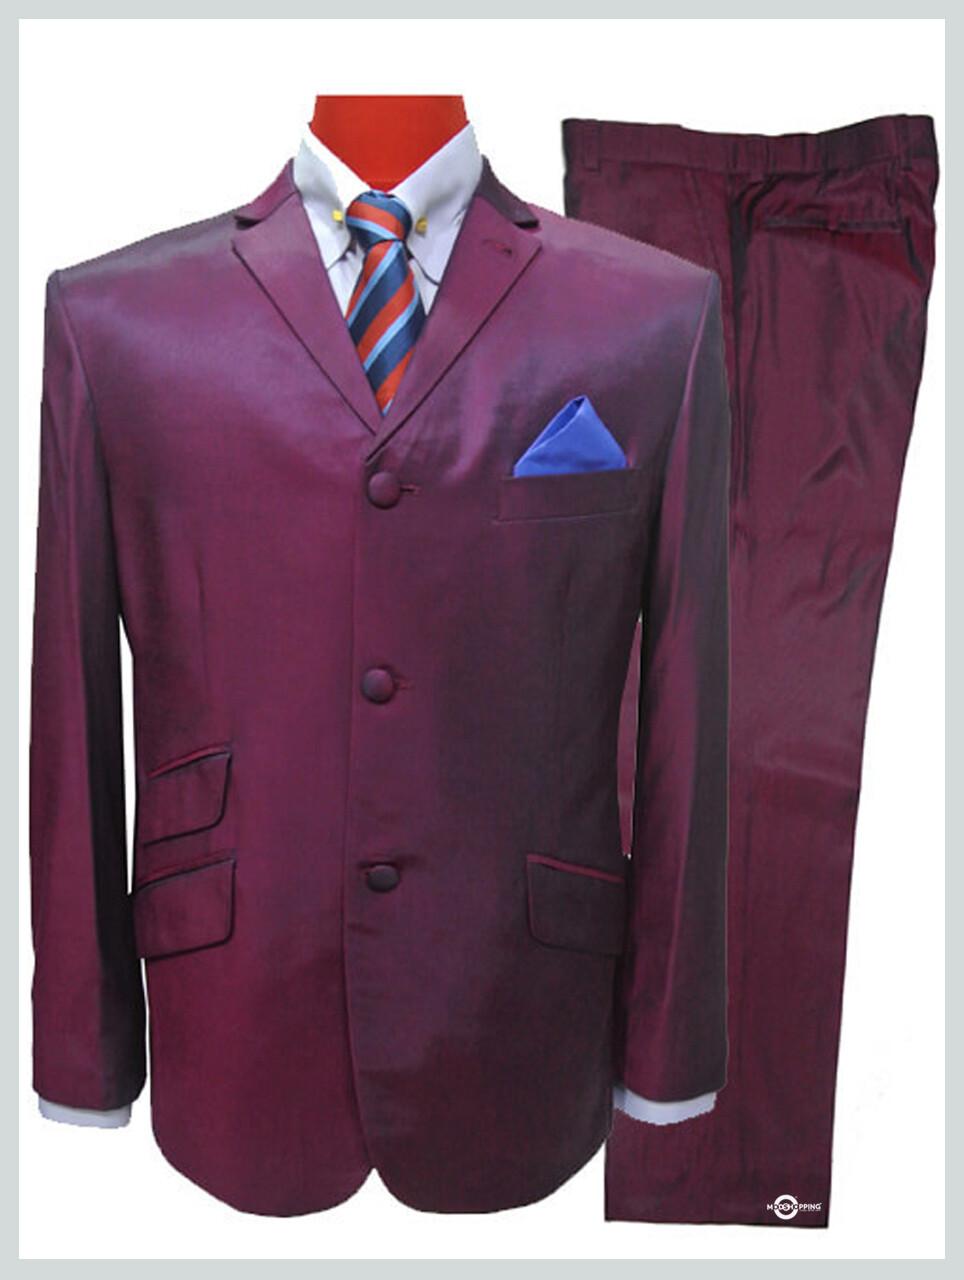 tonic suit|burgundy wine mod fashion tonic suit for men,3 button tailored